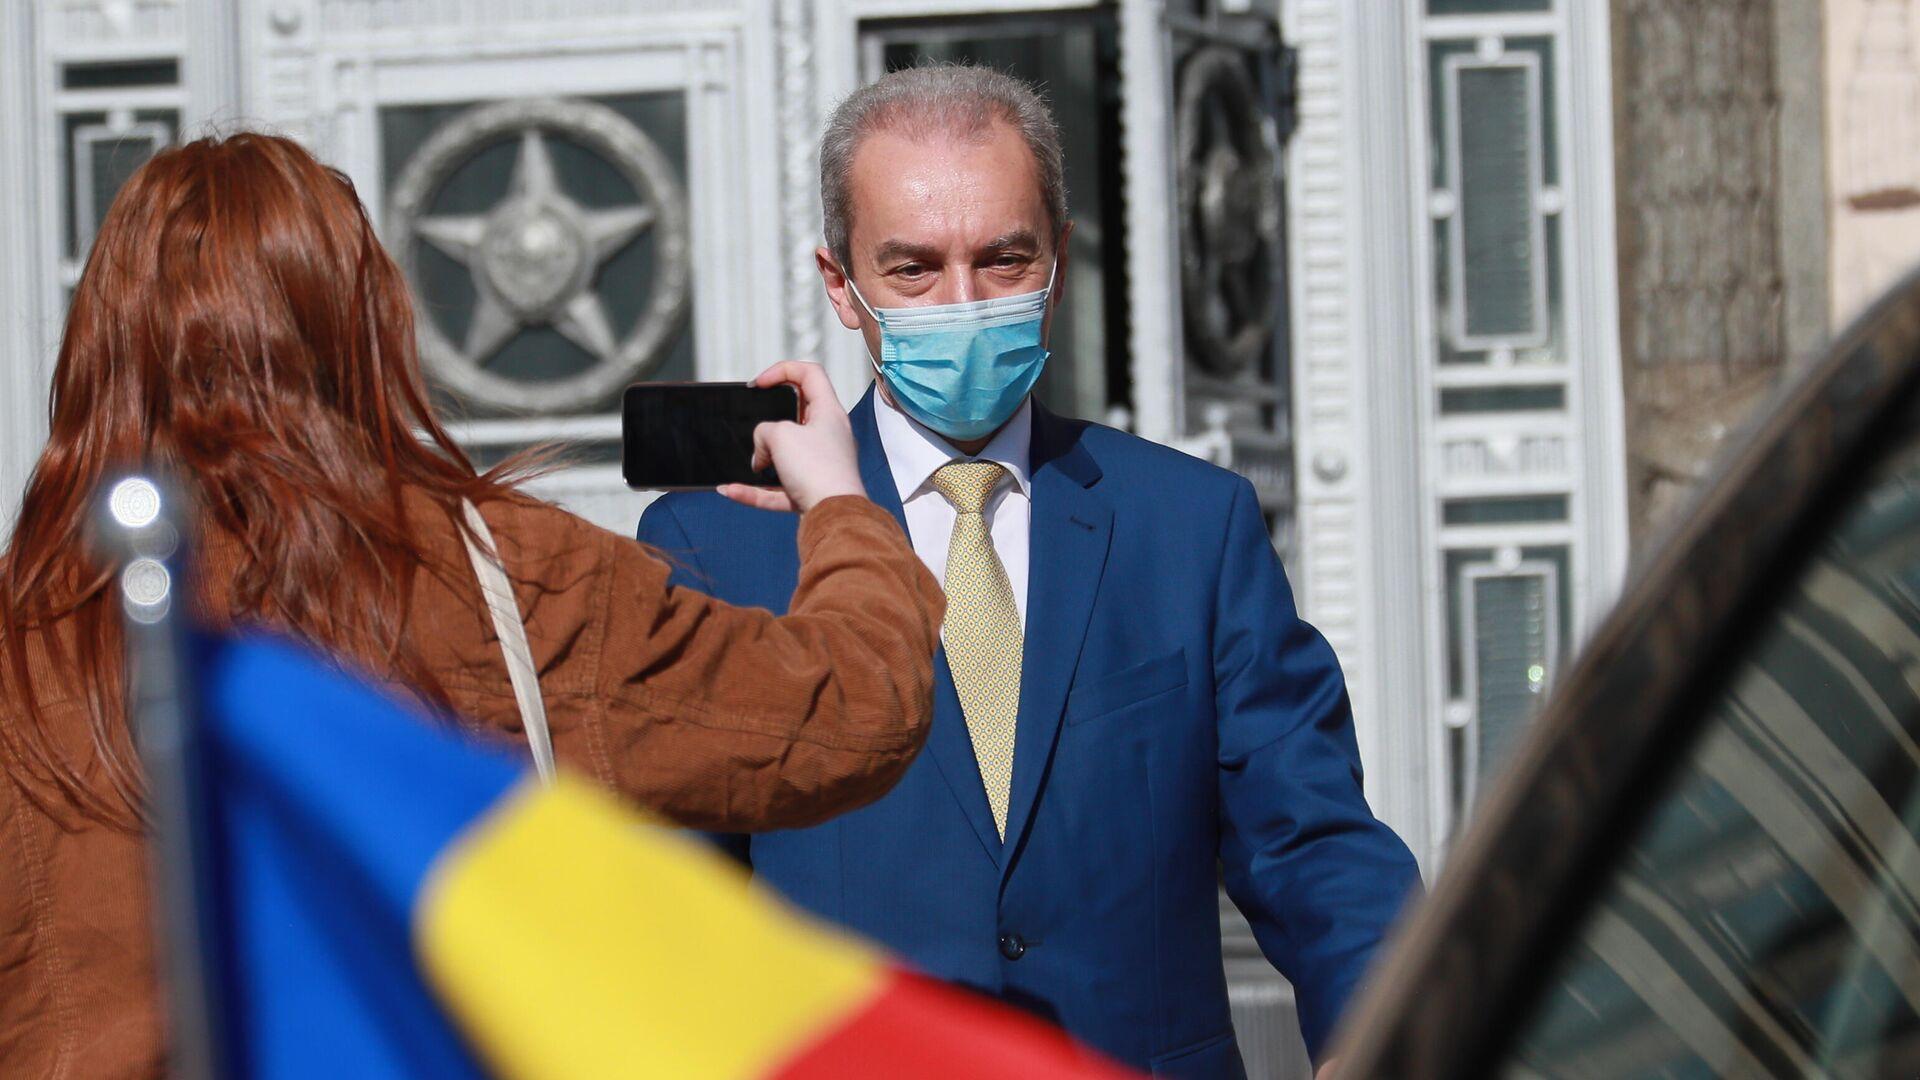 Посол Румынии Кристиан Истрате прибыл в МИД России после высылки Бухарестом российского дипломата - РИА Новости, 1920, 11.05.2021